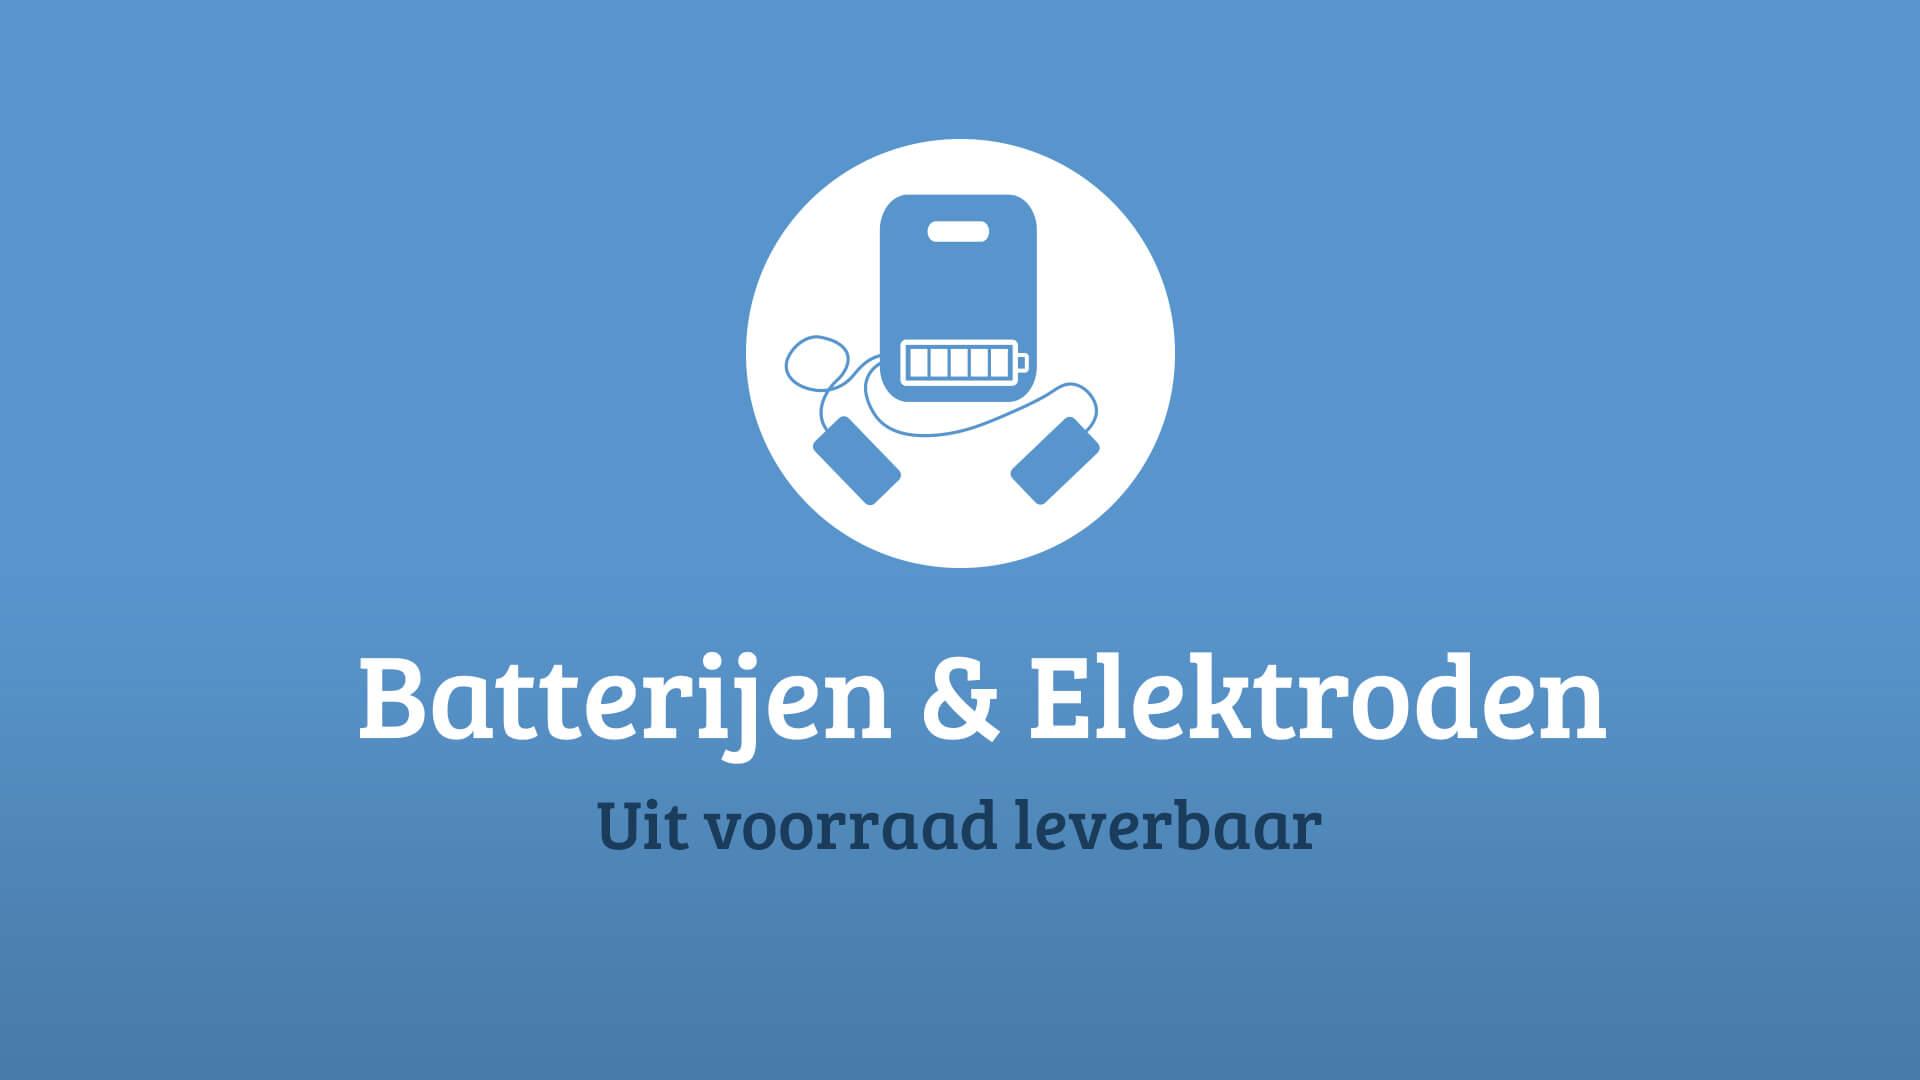 Baterrijen en elektroden voor alle AED's